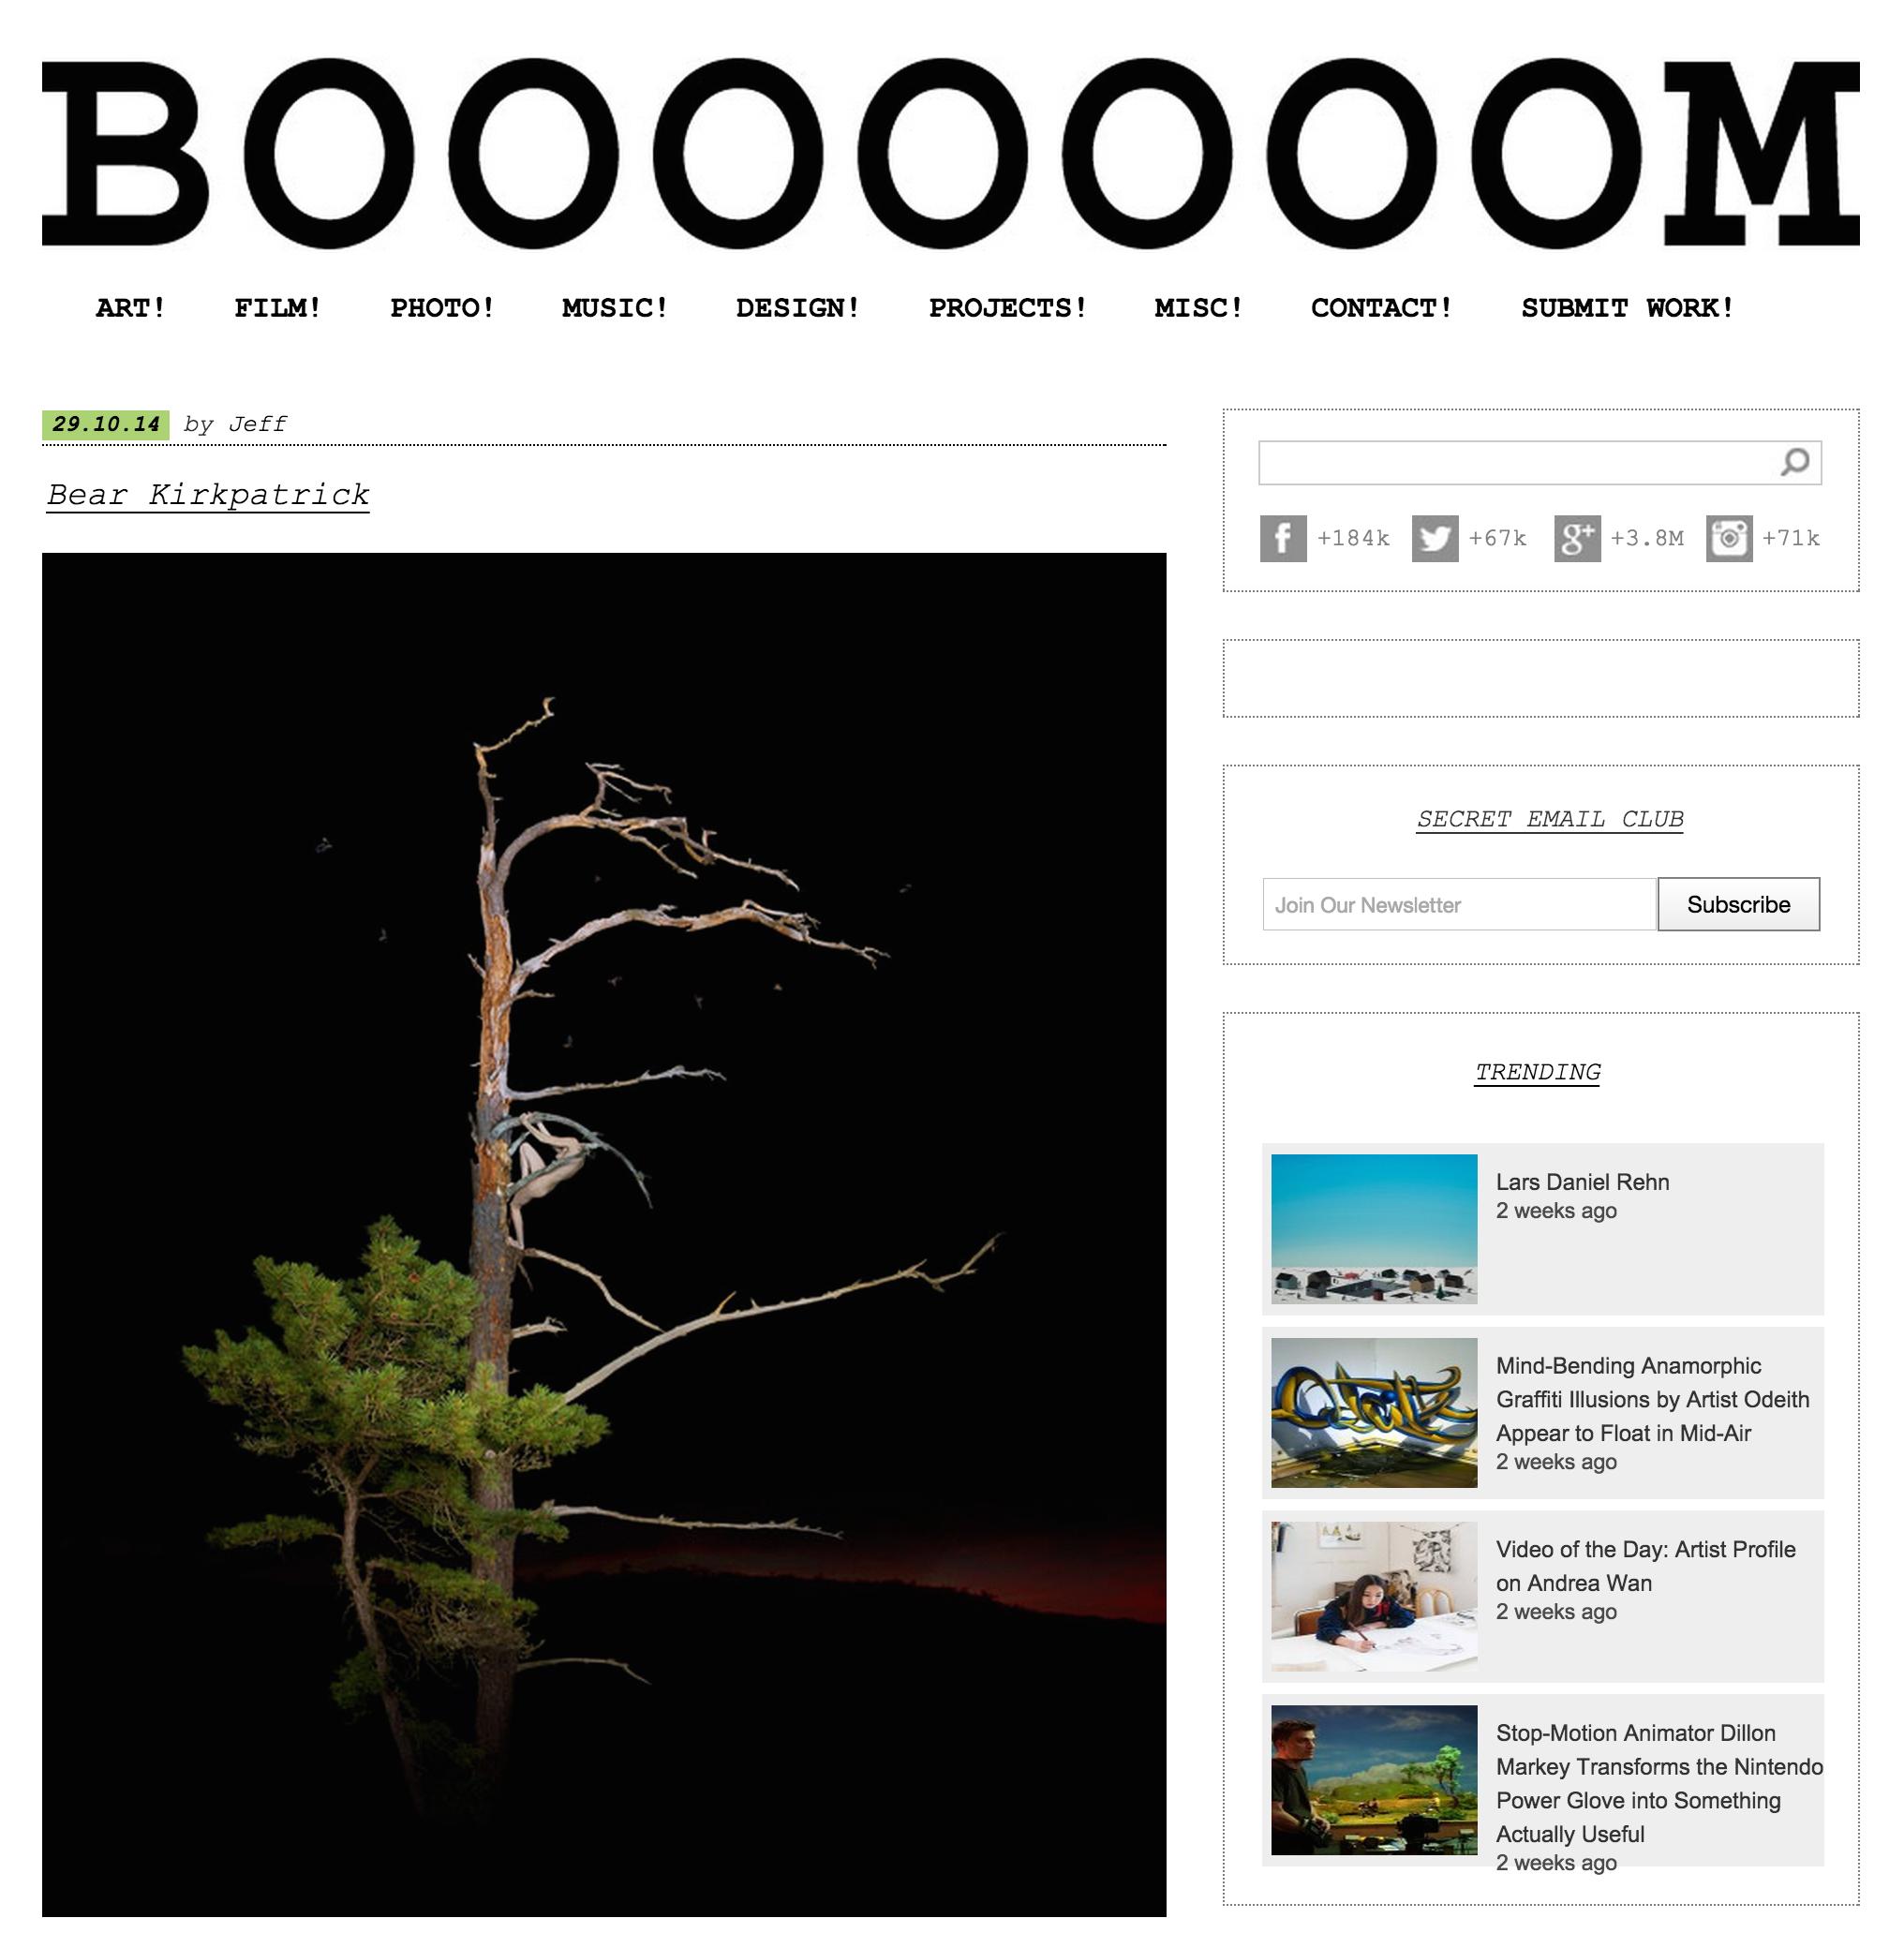 Booooooom, Oct. 2014